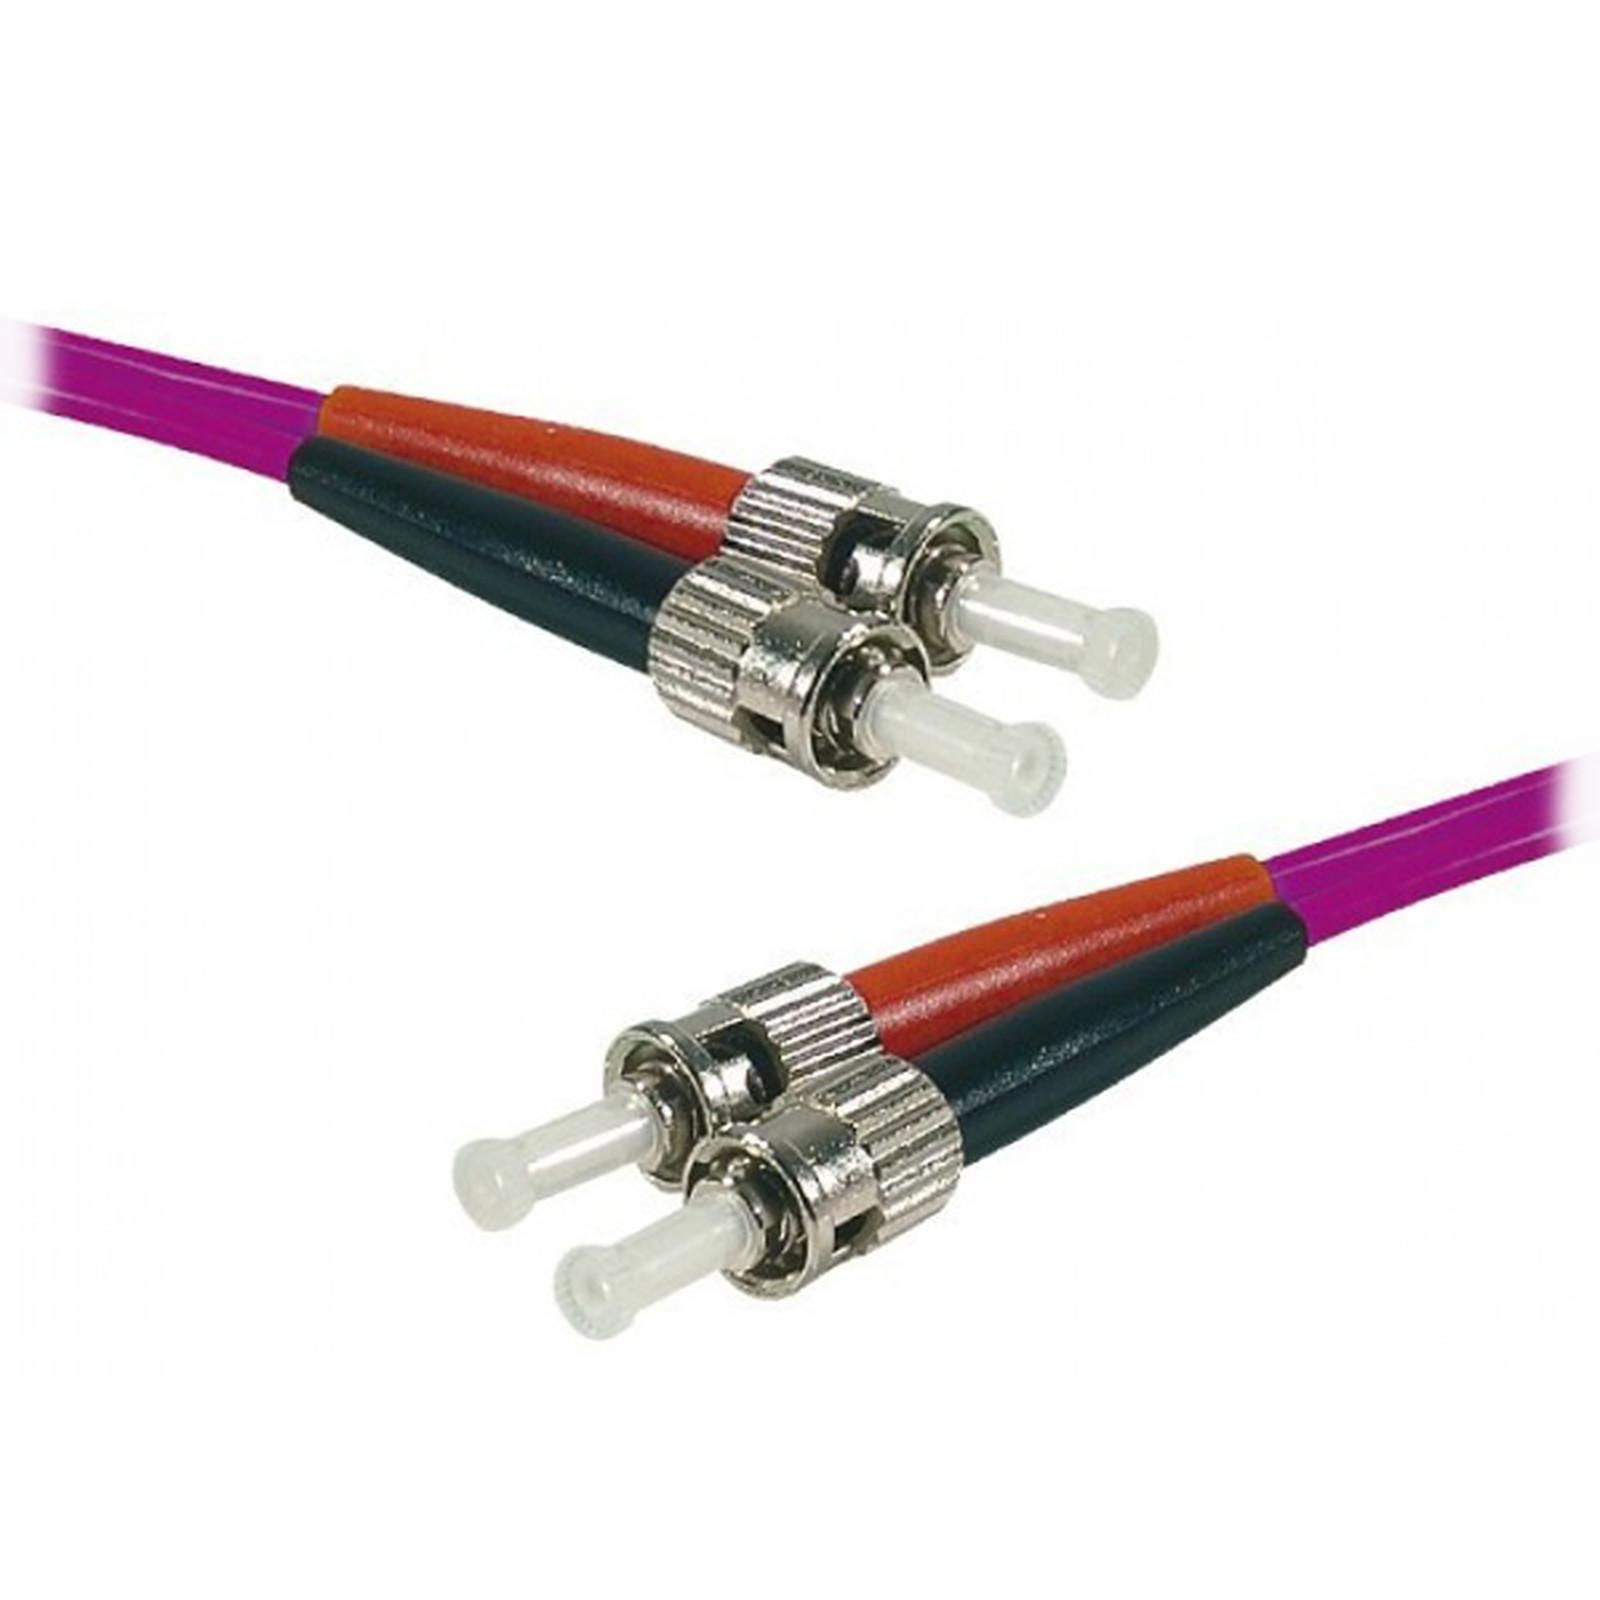 Jarretière optique duplex multimode 2mm OM4 ST-UPC/ST-UPC (5 mètres)